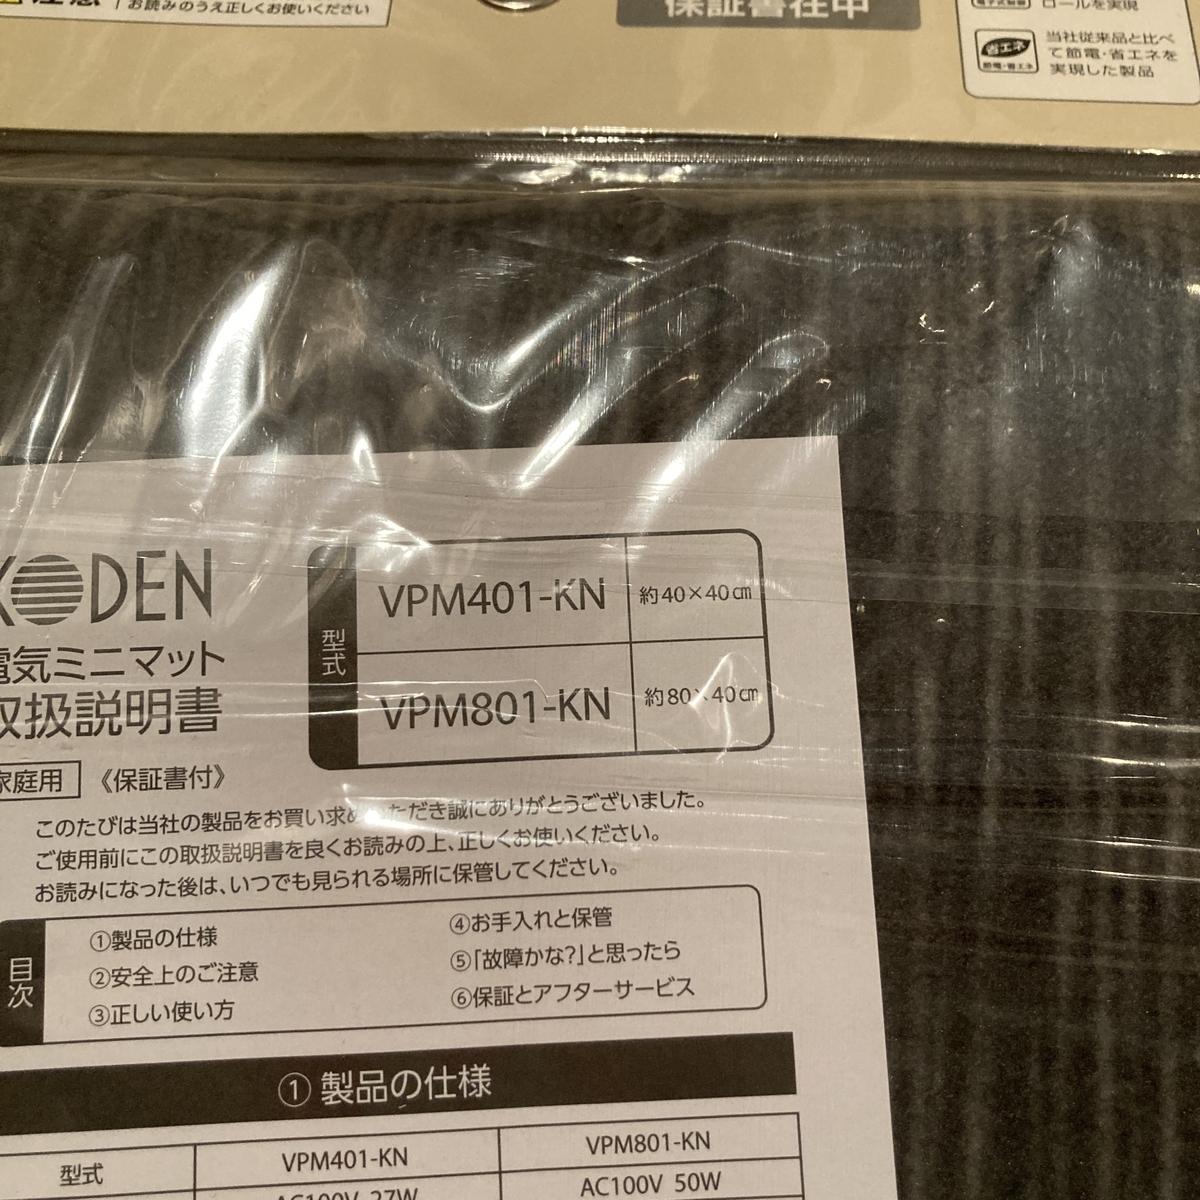 電気マット KODEN VPM801-KN コーナン 電気カーペット 暖房 エアコン